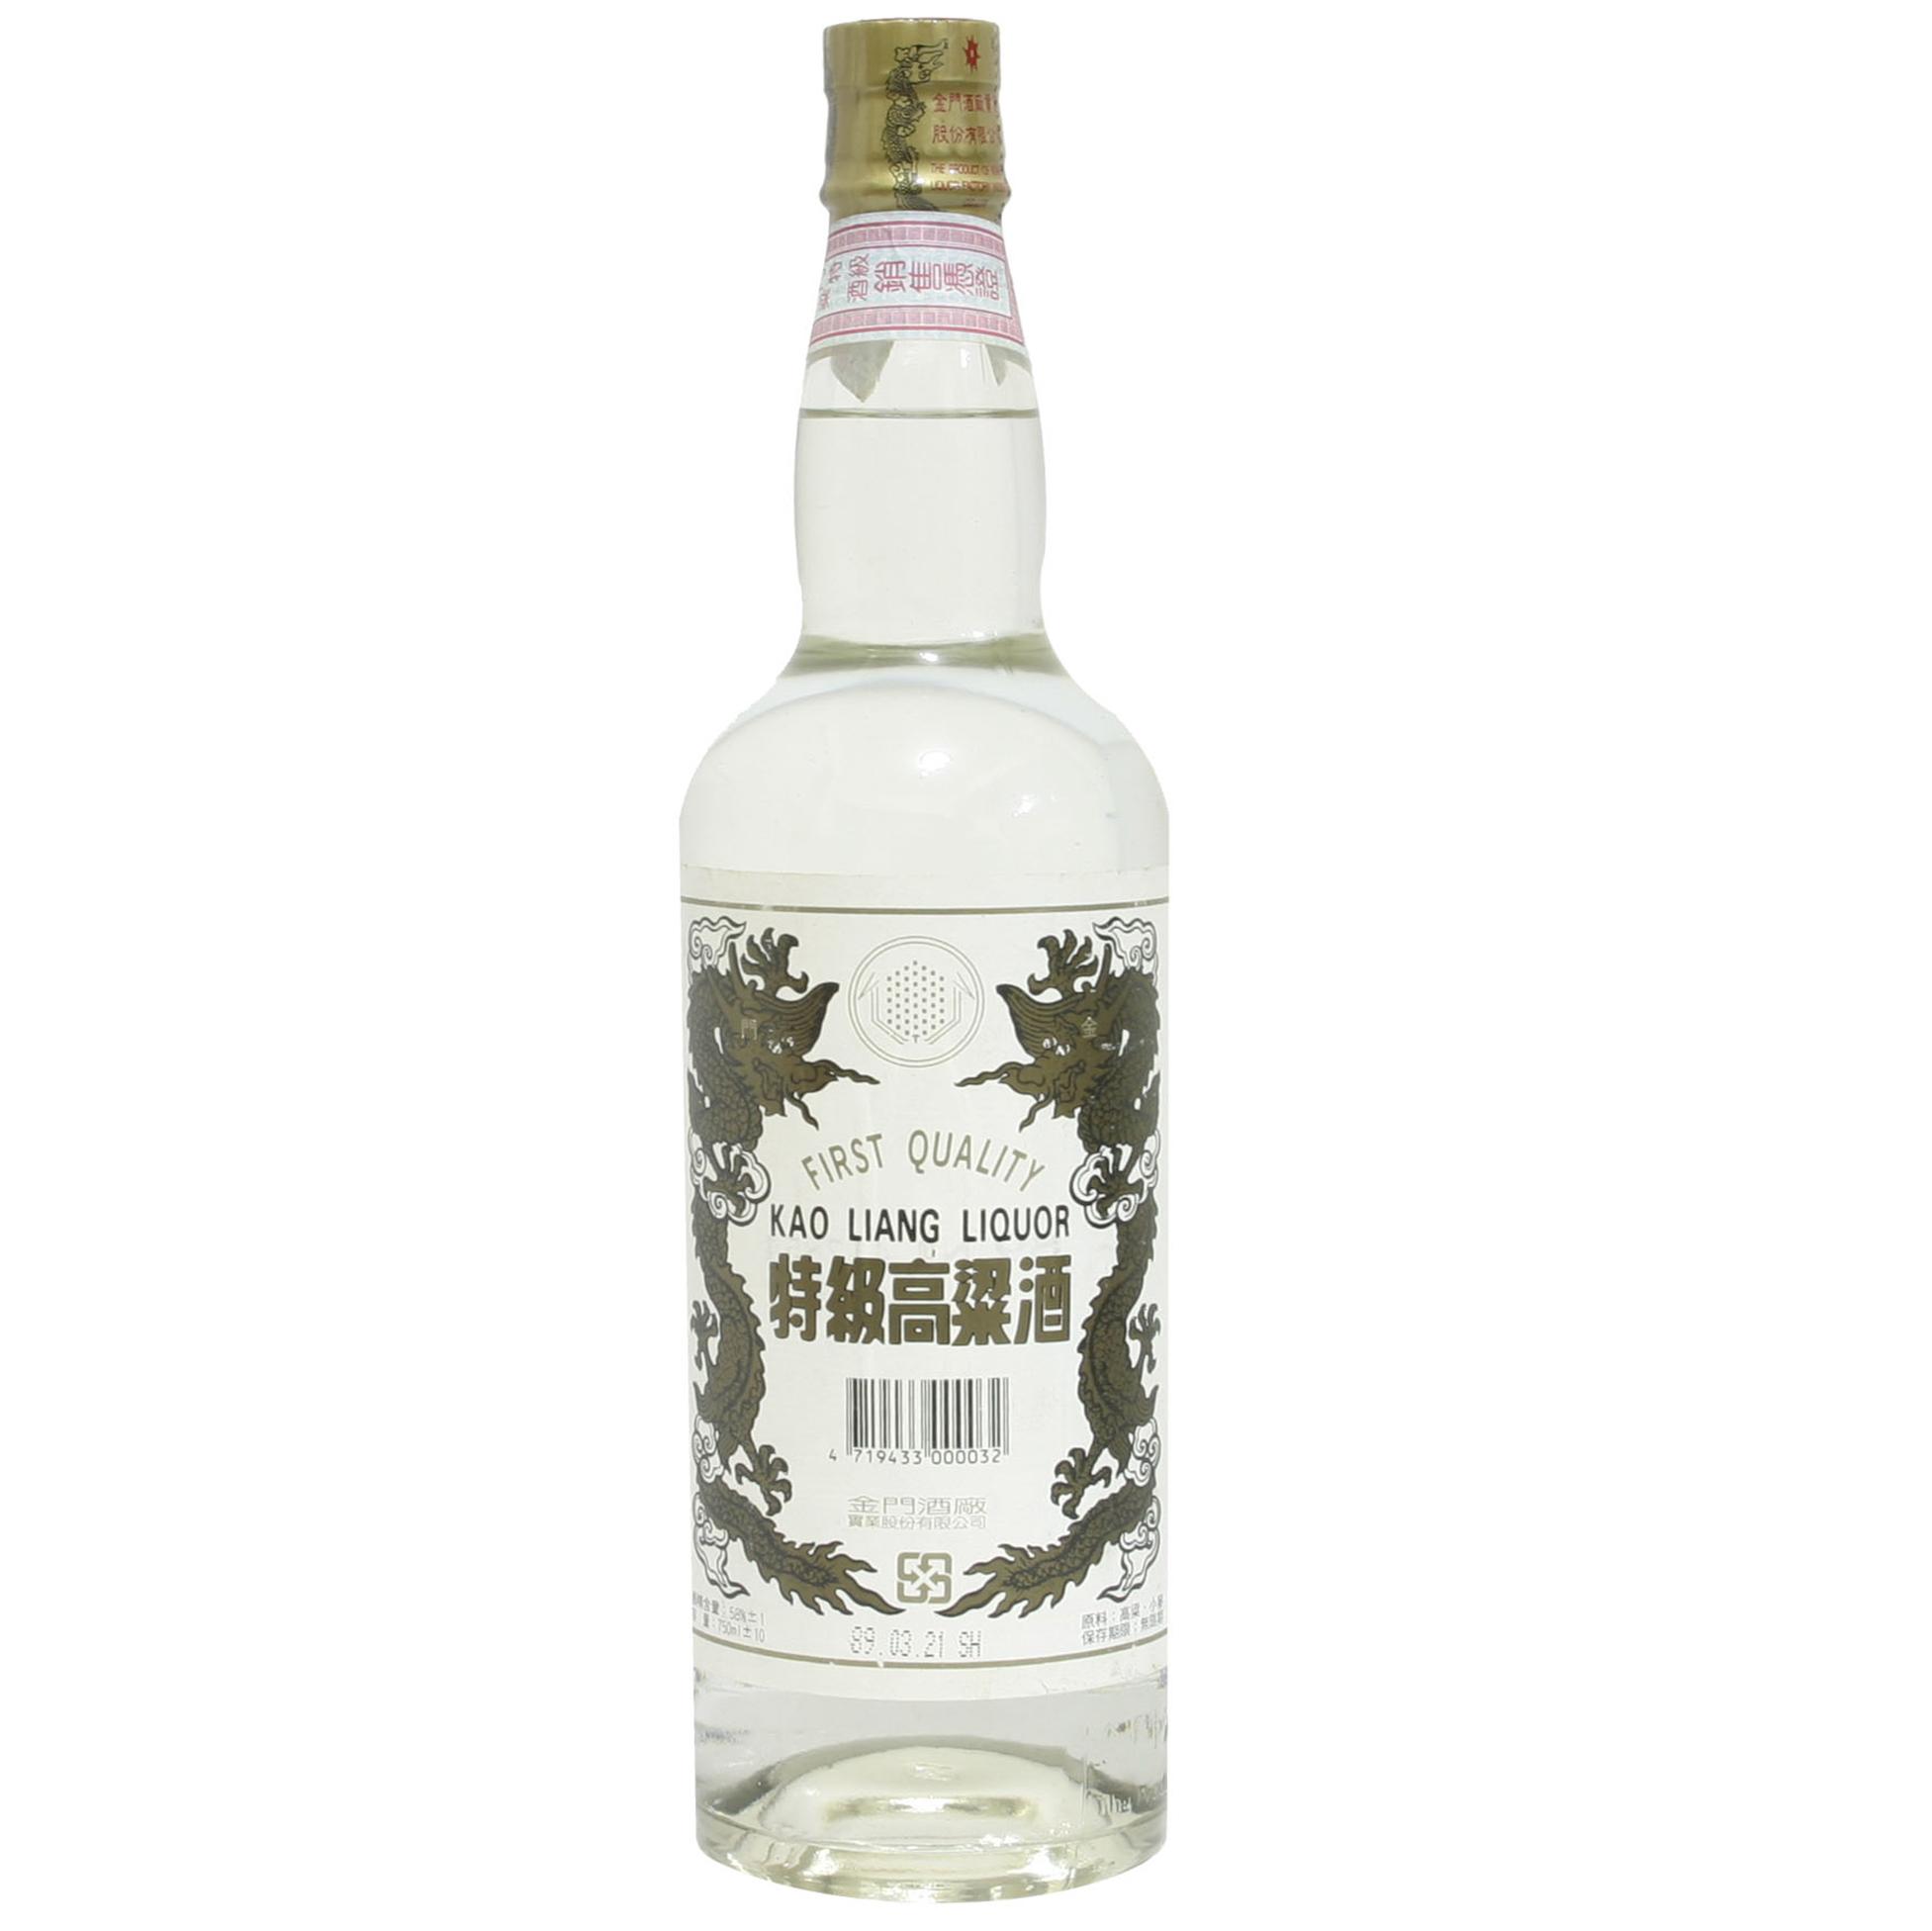 金門 特級高梁酒 (白金龍)